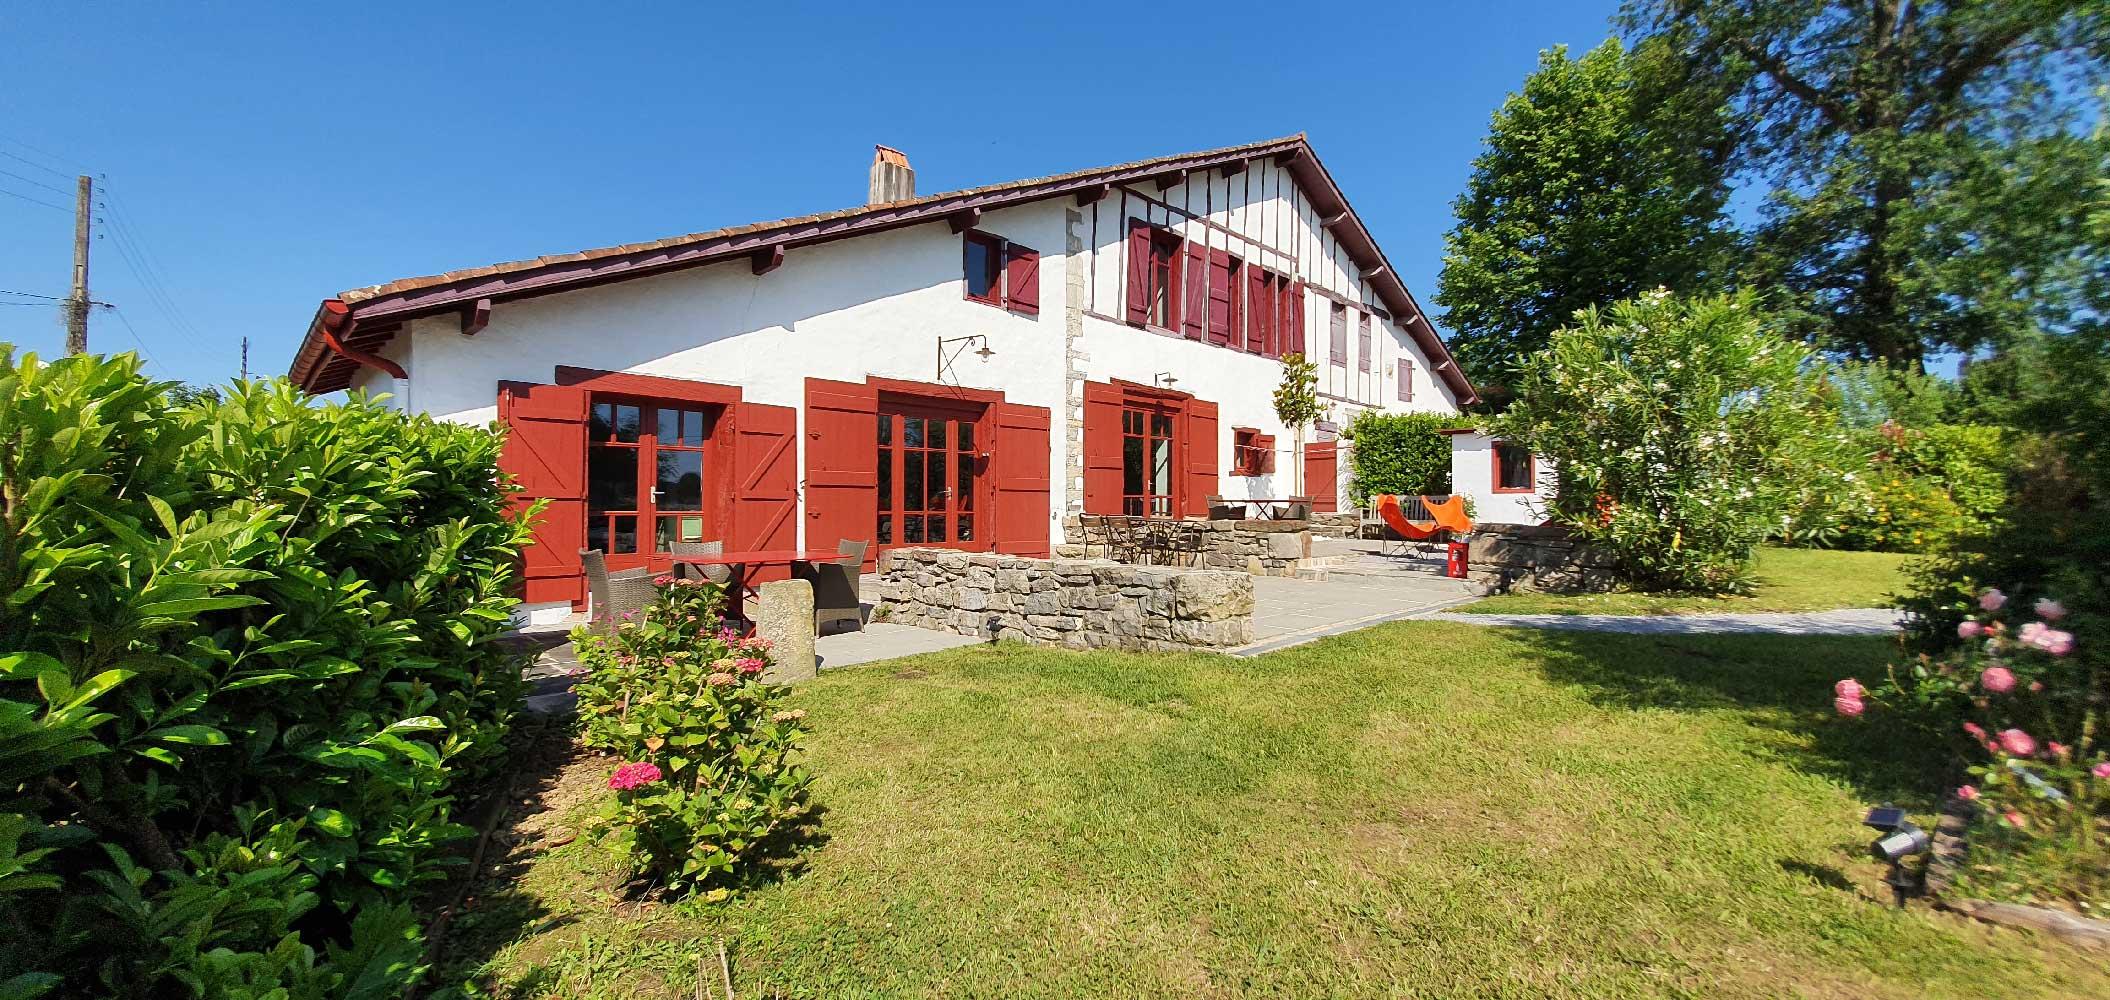 façade-pricipale-de-la-ferme-d-ika-chambres-d-hotes-sainjeandeluz